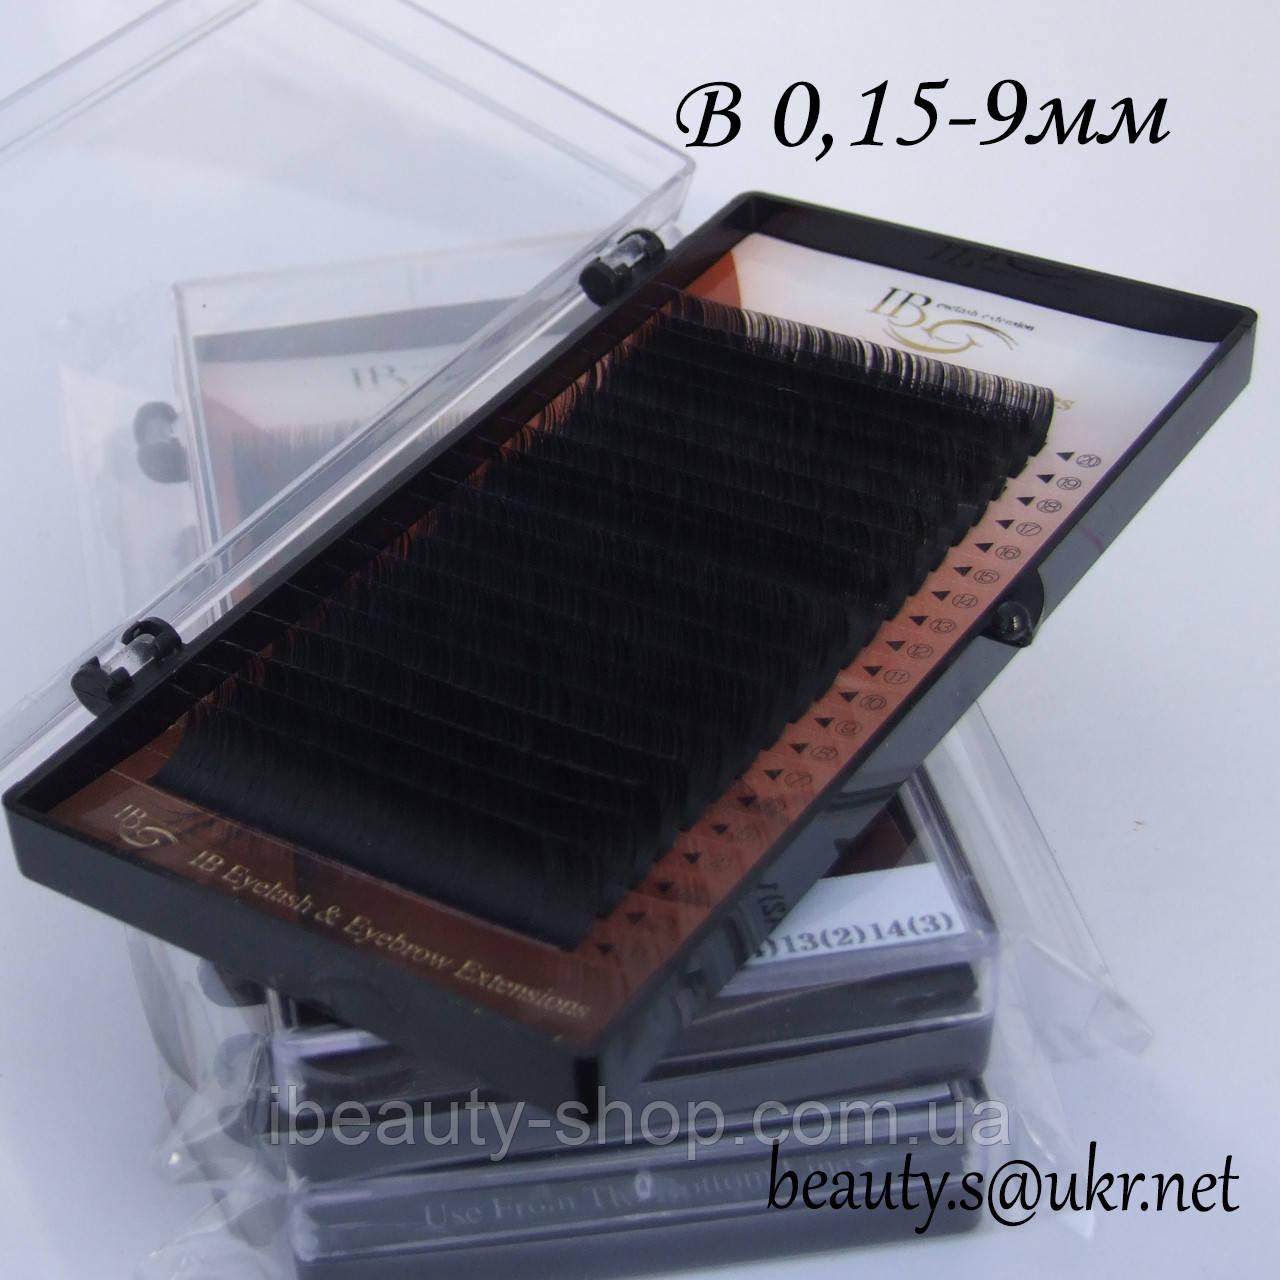 Ресницы I-Beauty на ленте B 0,15-9мм